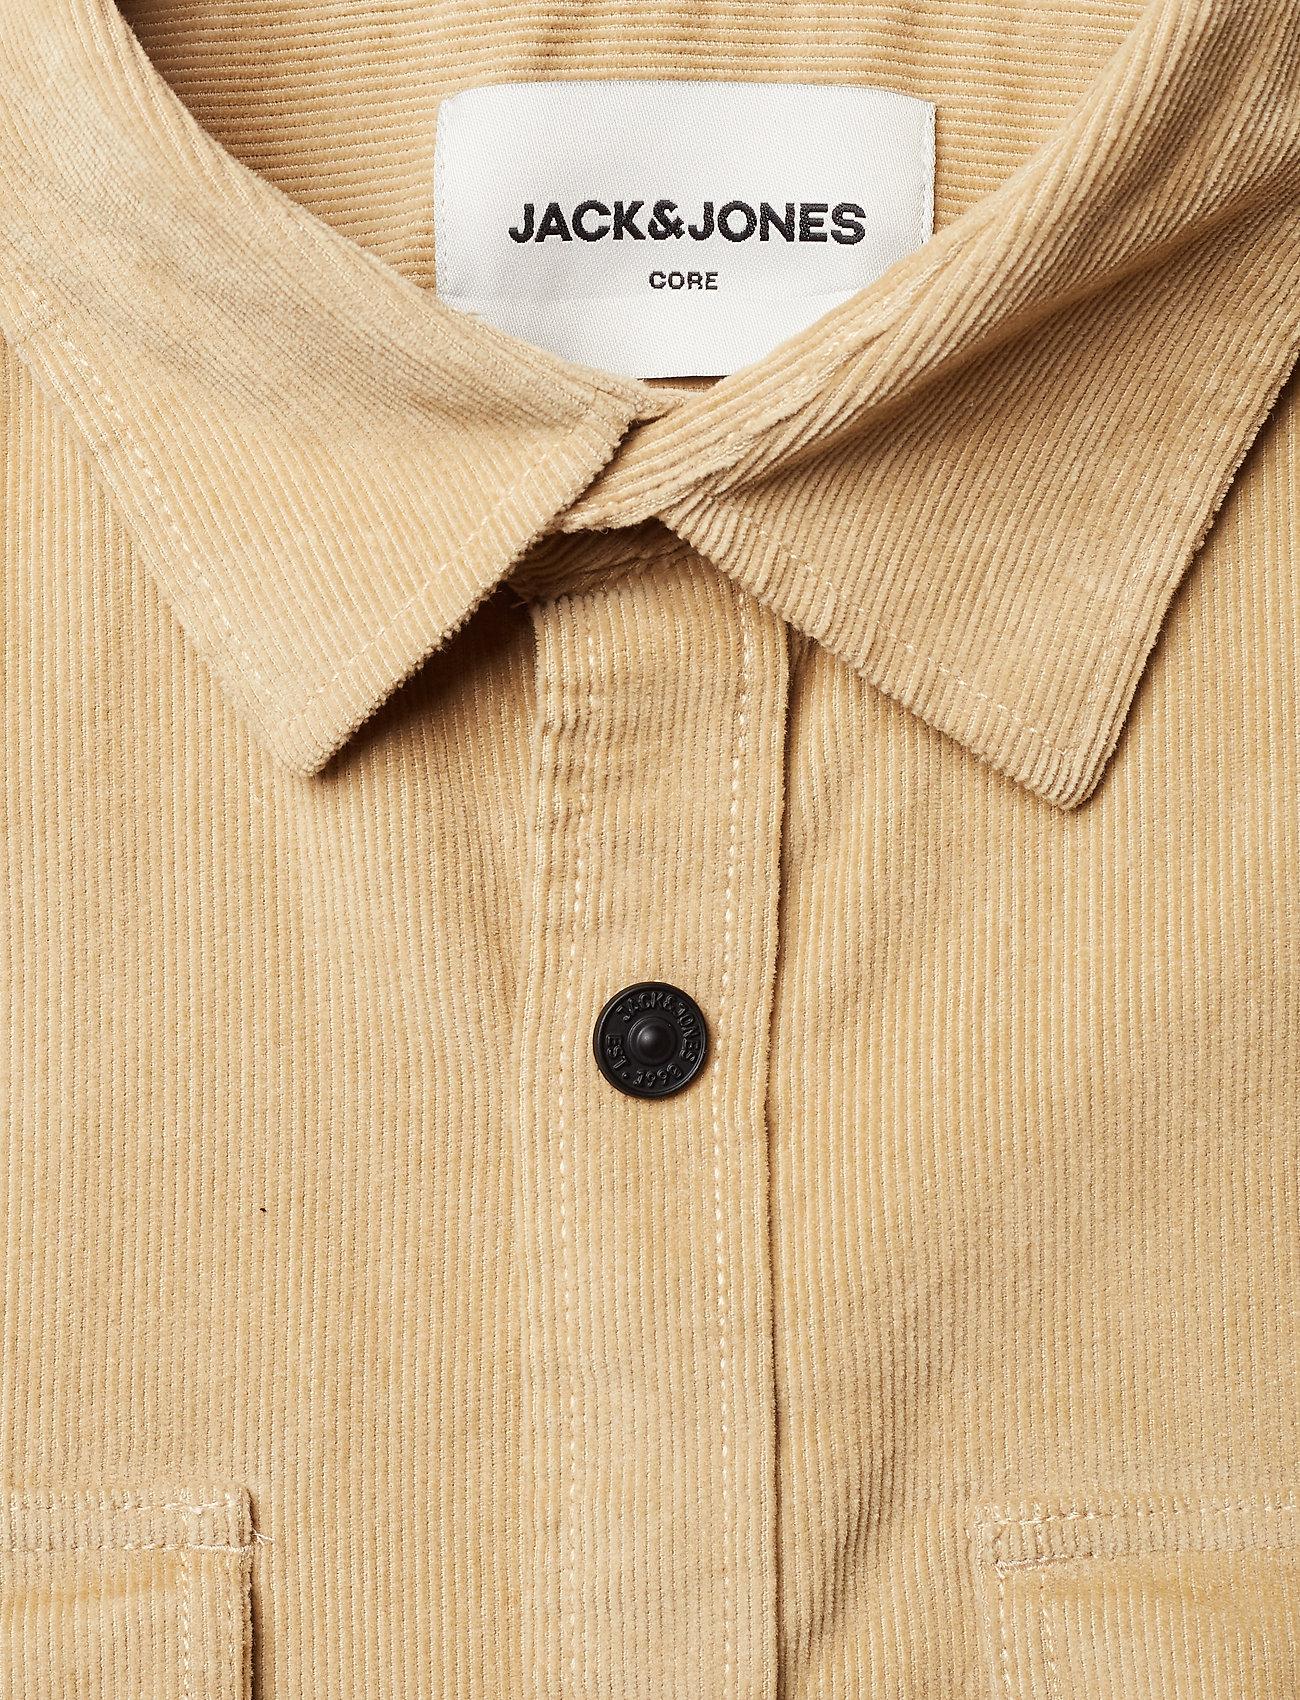 Jones WorkercornstalkJackamp; Jcocolly Shirt Shirt Jones Ls Jcocolly Jcocolly Ls WorkercornstalkJackamp; dBWCoerx